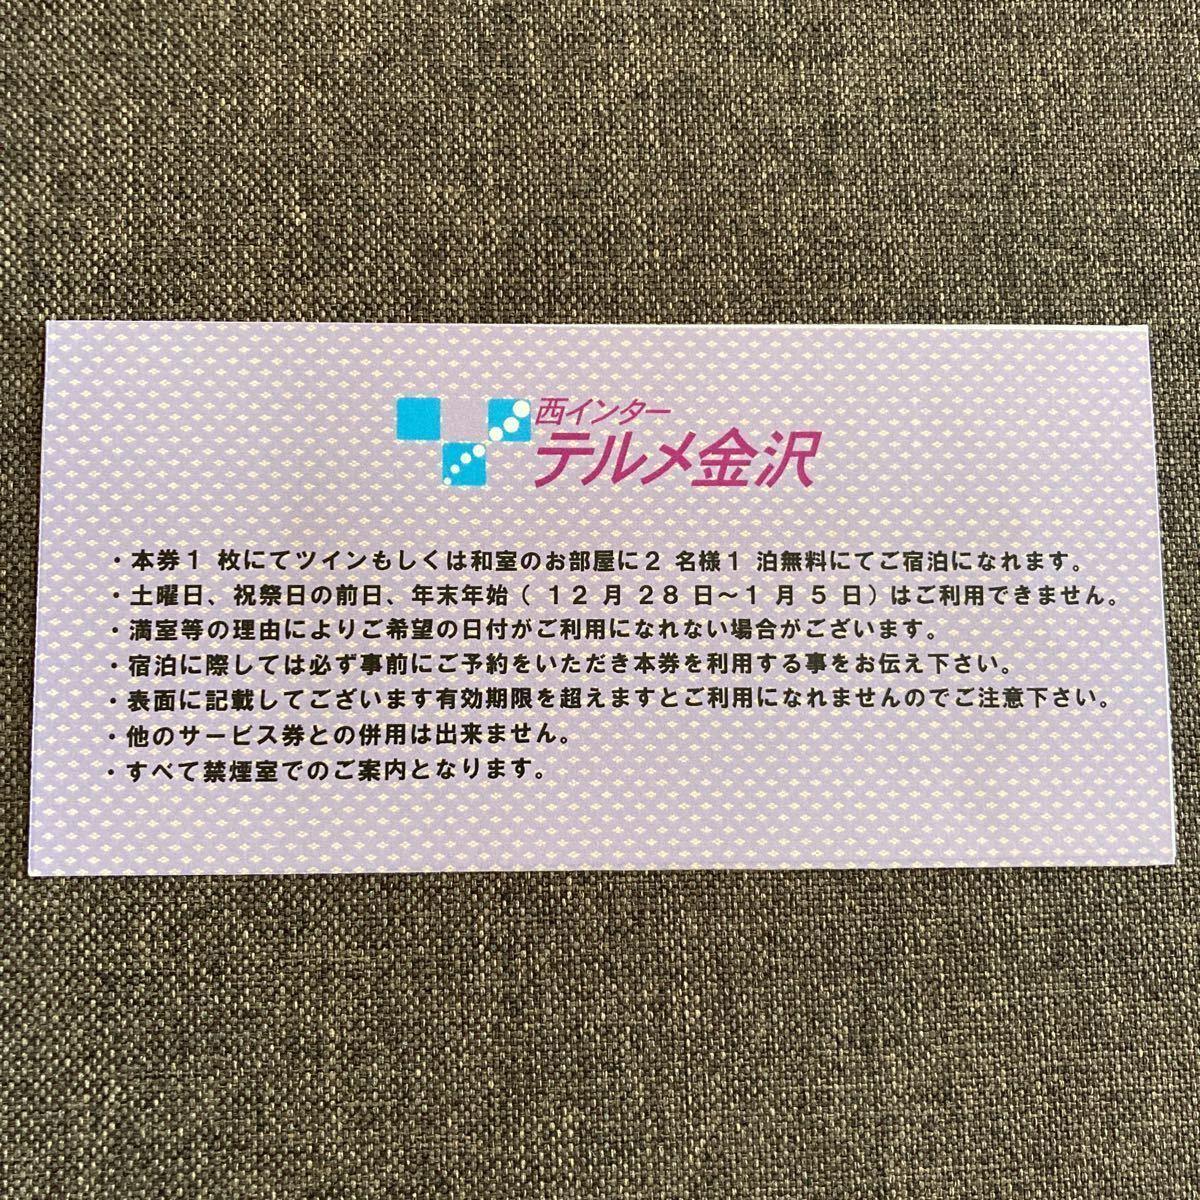 テルメ金沢 ペア宿泊無料券_画像2